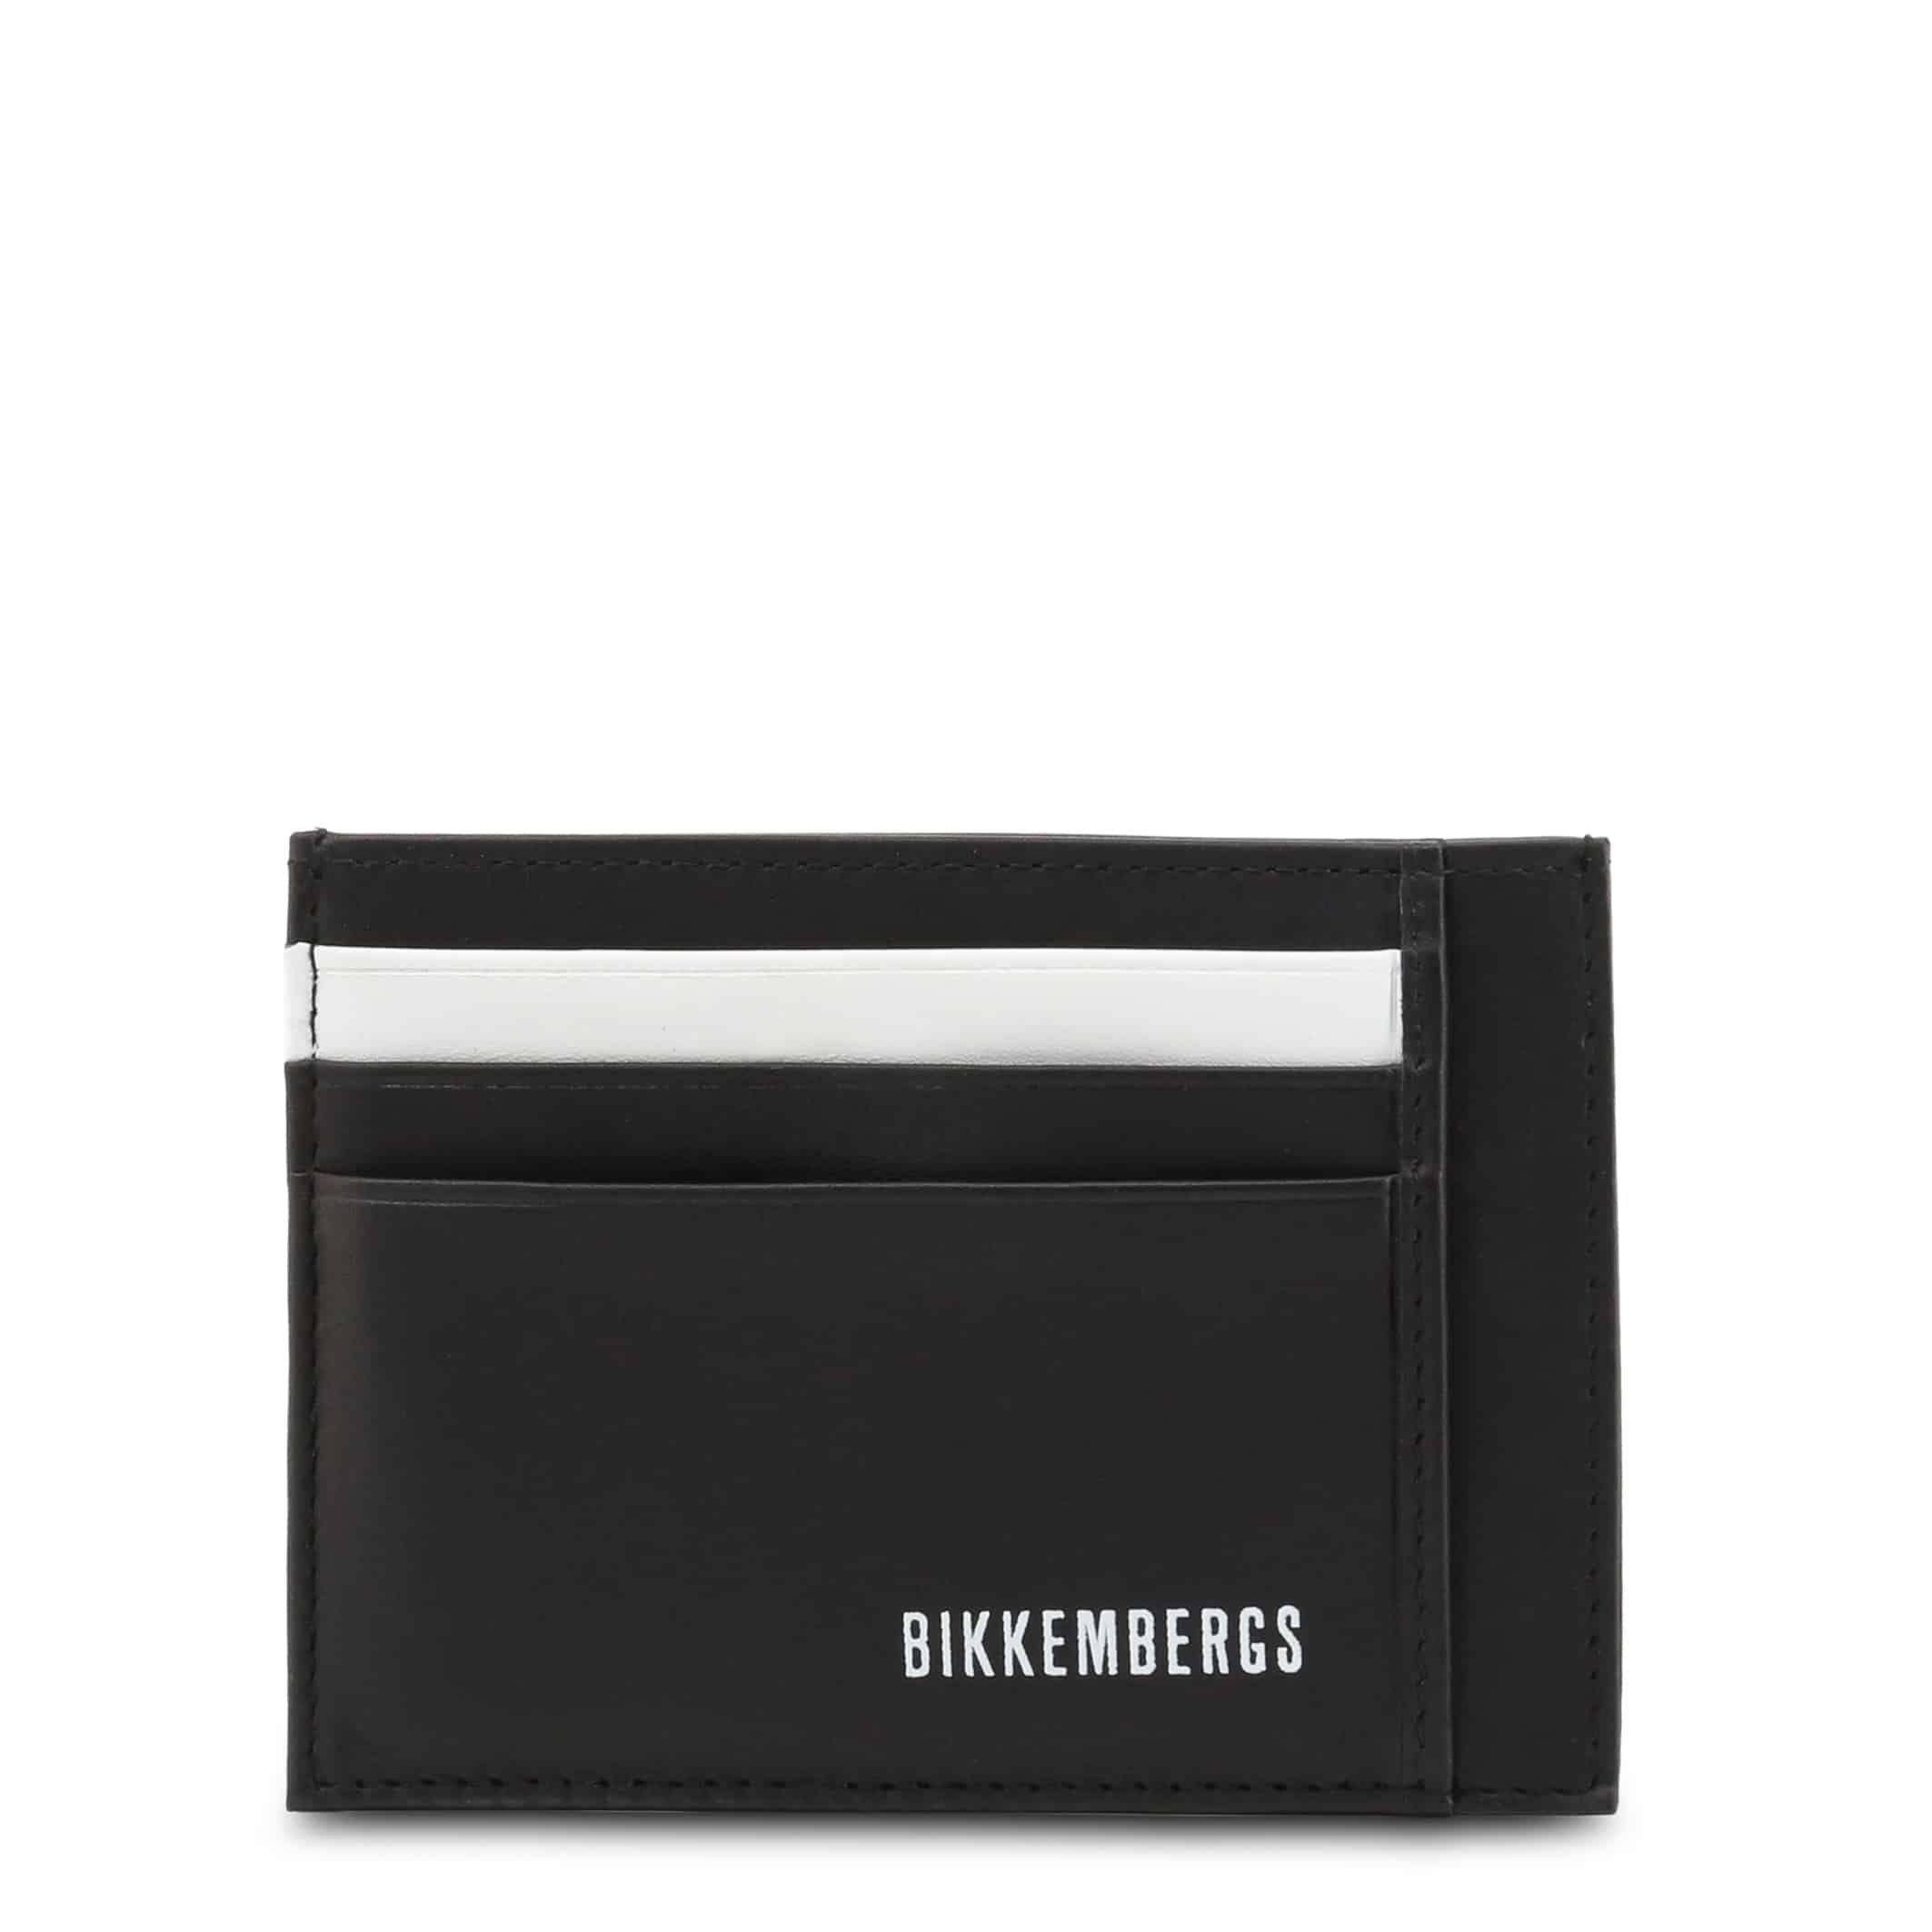 Bikkembergs – E2APME903093 – Zwart Designeritems.nl